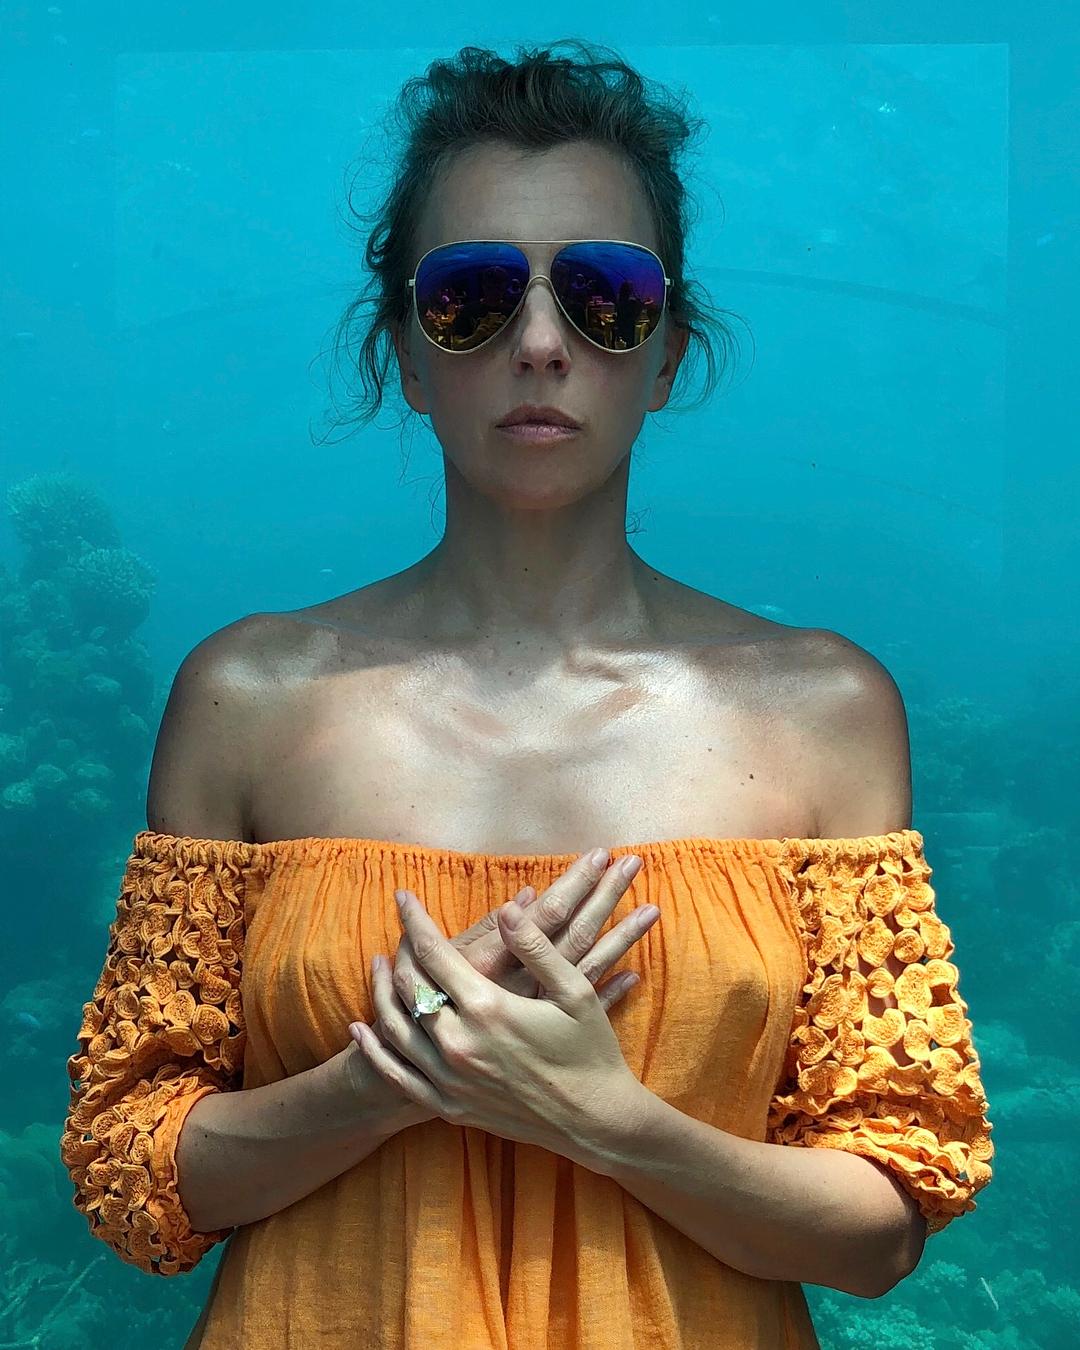 Светлана Бондарчук: мы рыбки в маленьком аквариуме   в Индийском океане     by @tabunotabuno